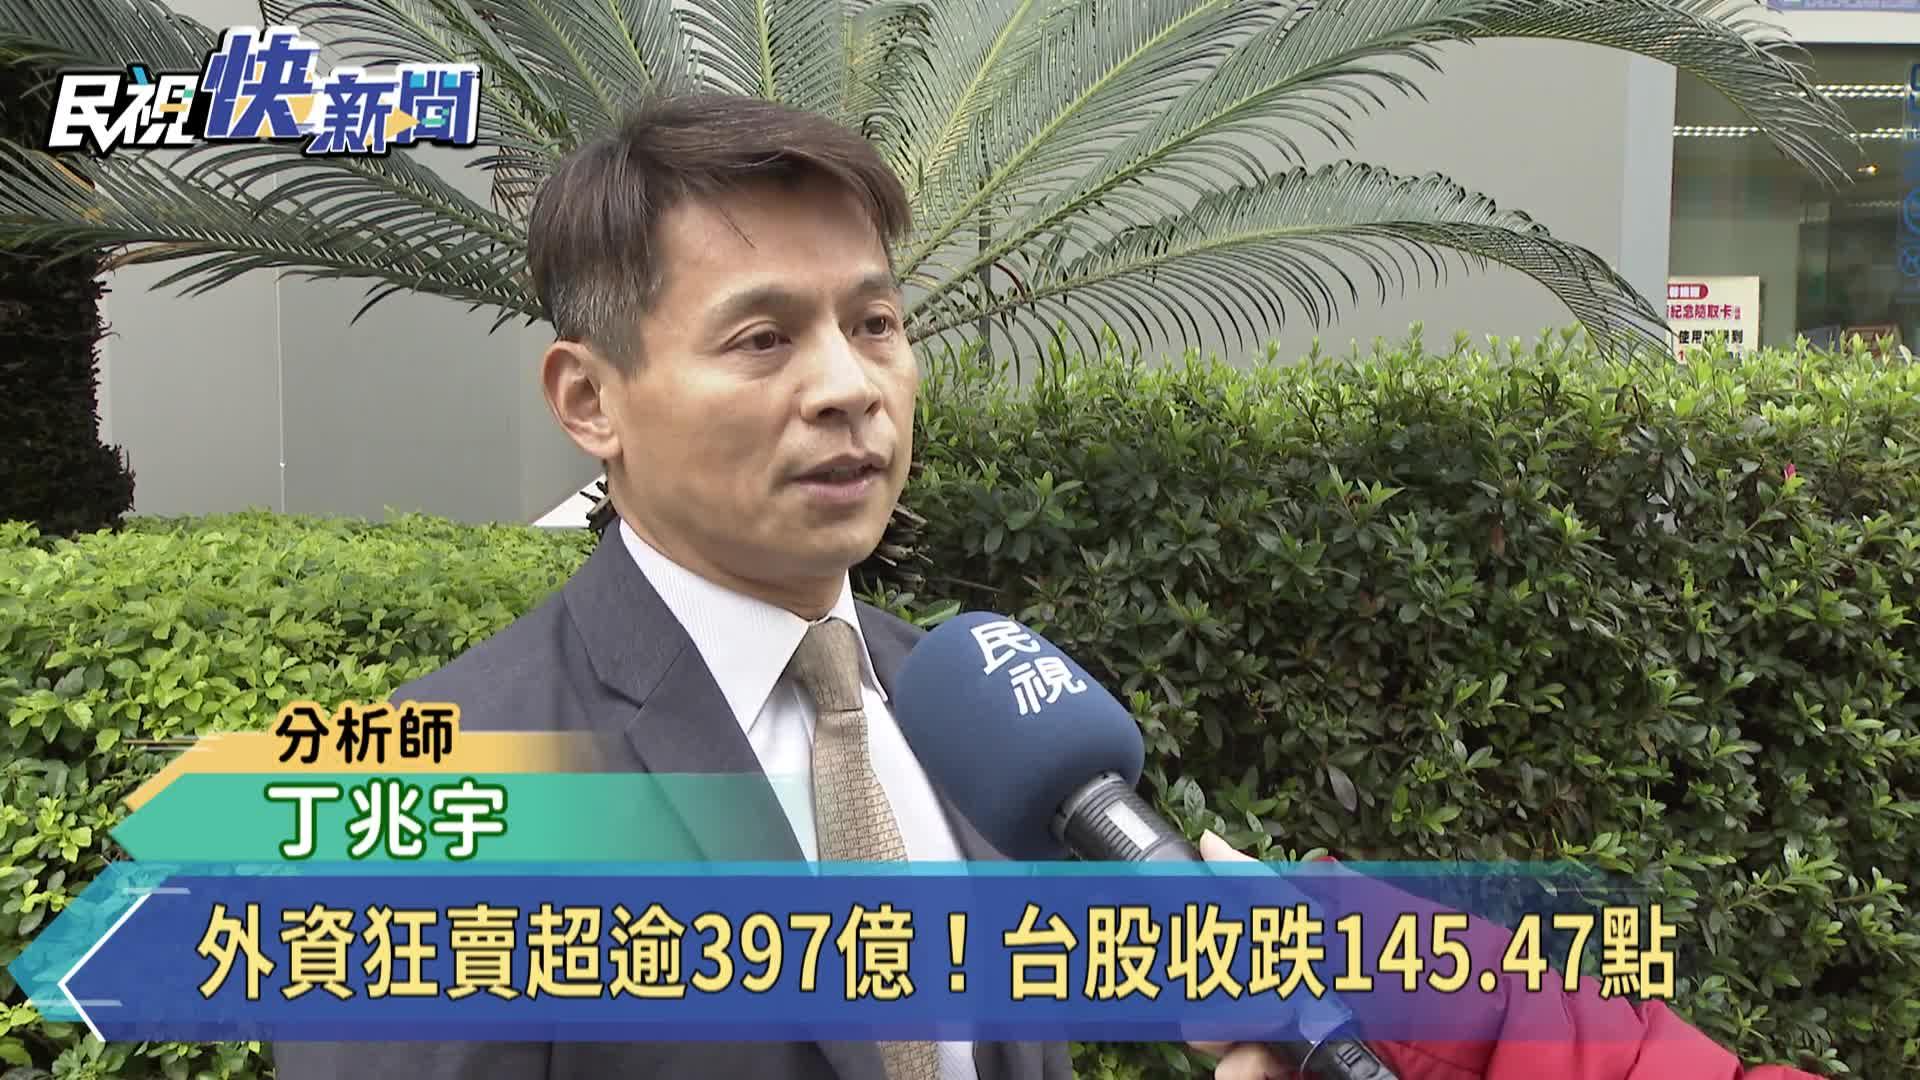 外資賣超逾397億!台股跌145.47點